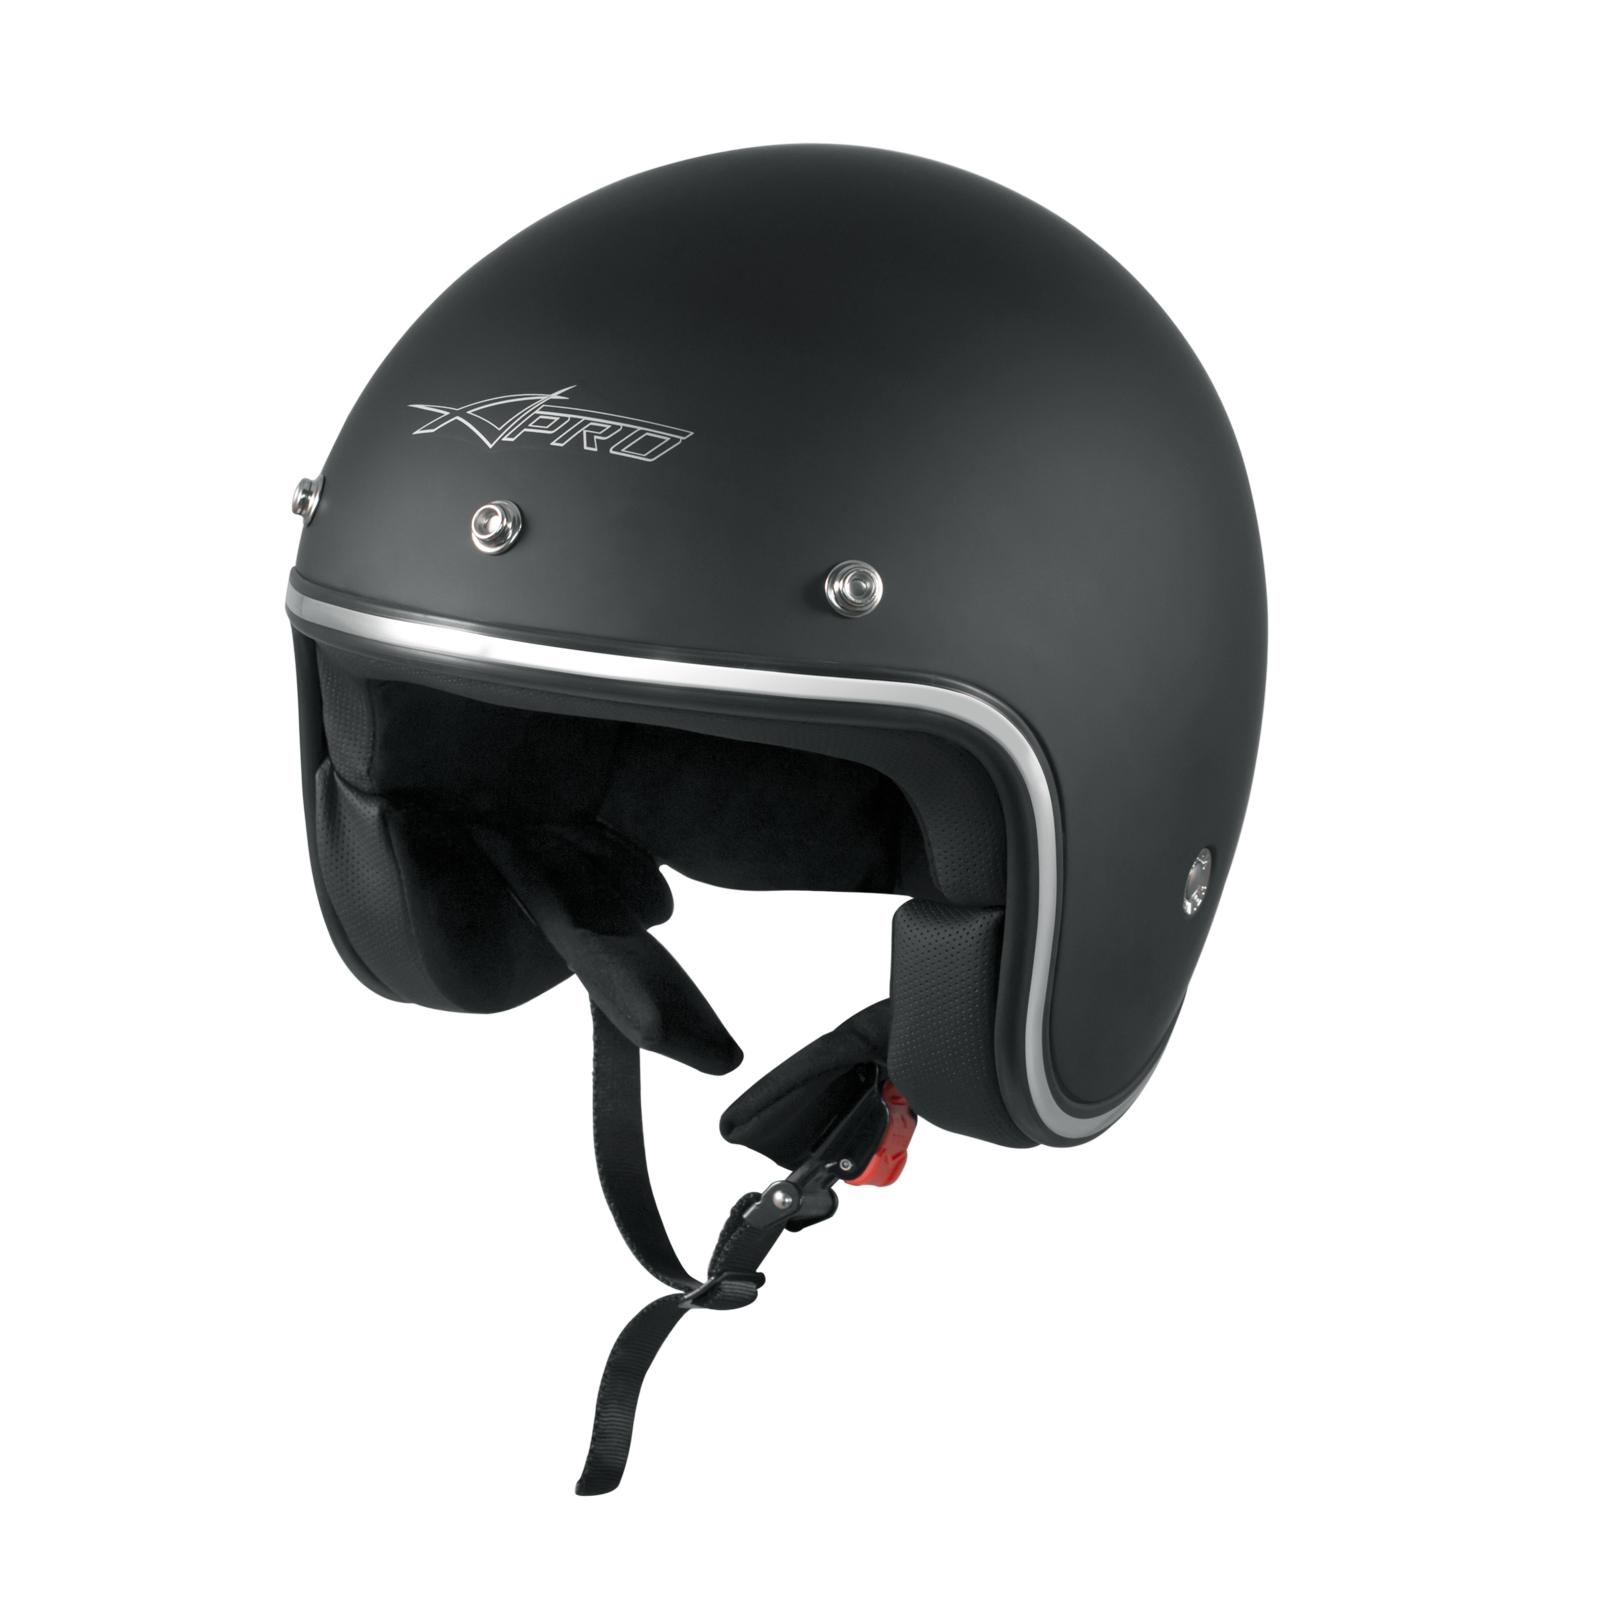 motorcycle helmet jet approved ece 22 05 custom scooter. Black Bedroom Furniture Sets. Home Design Ideas